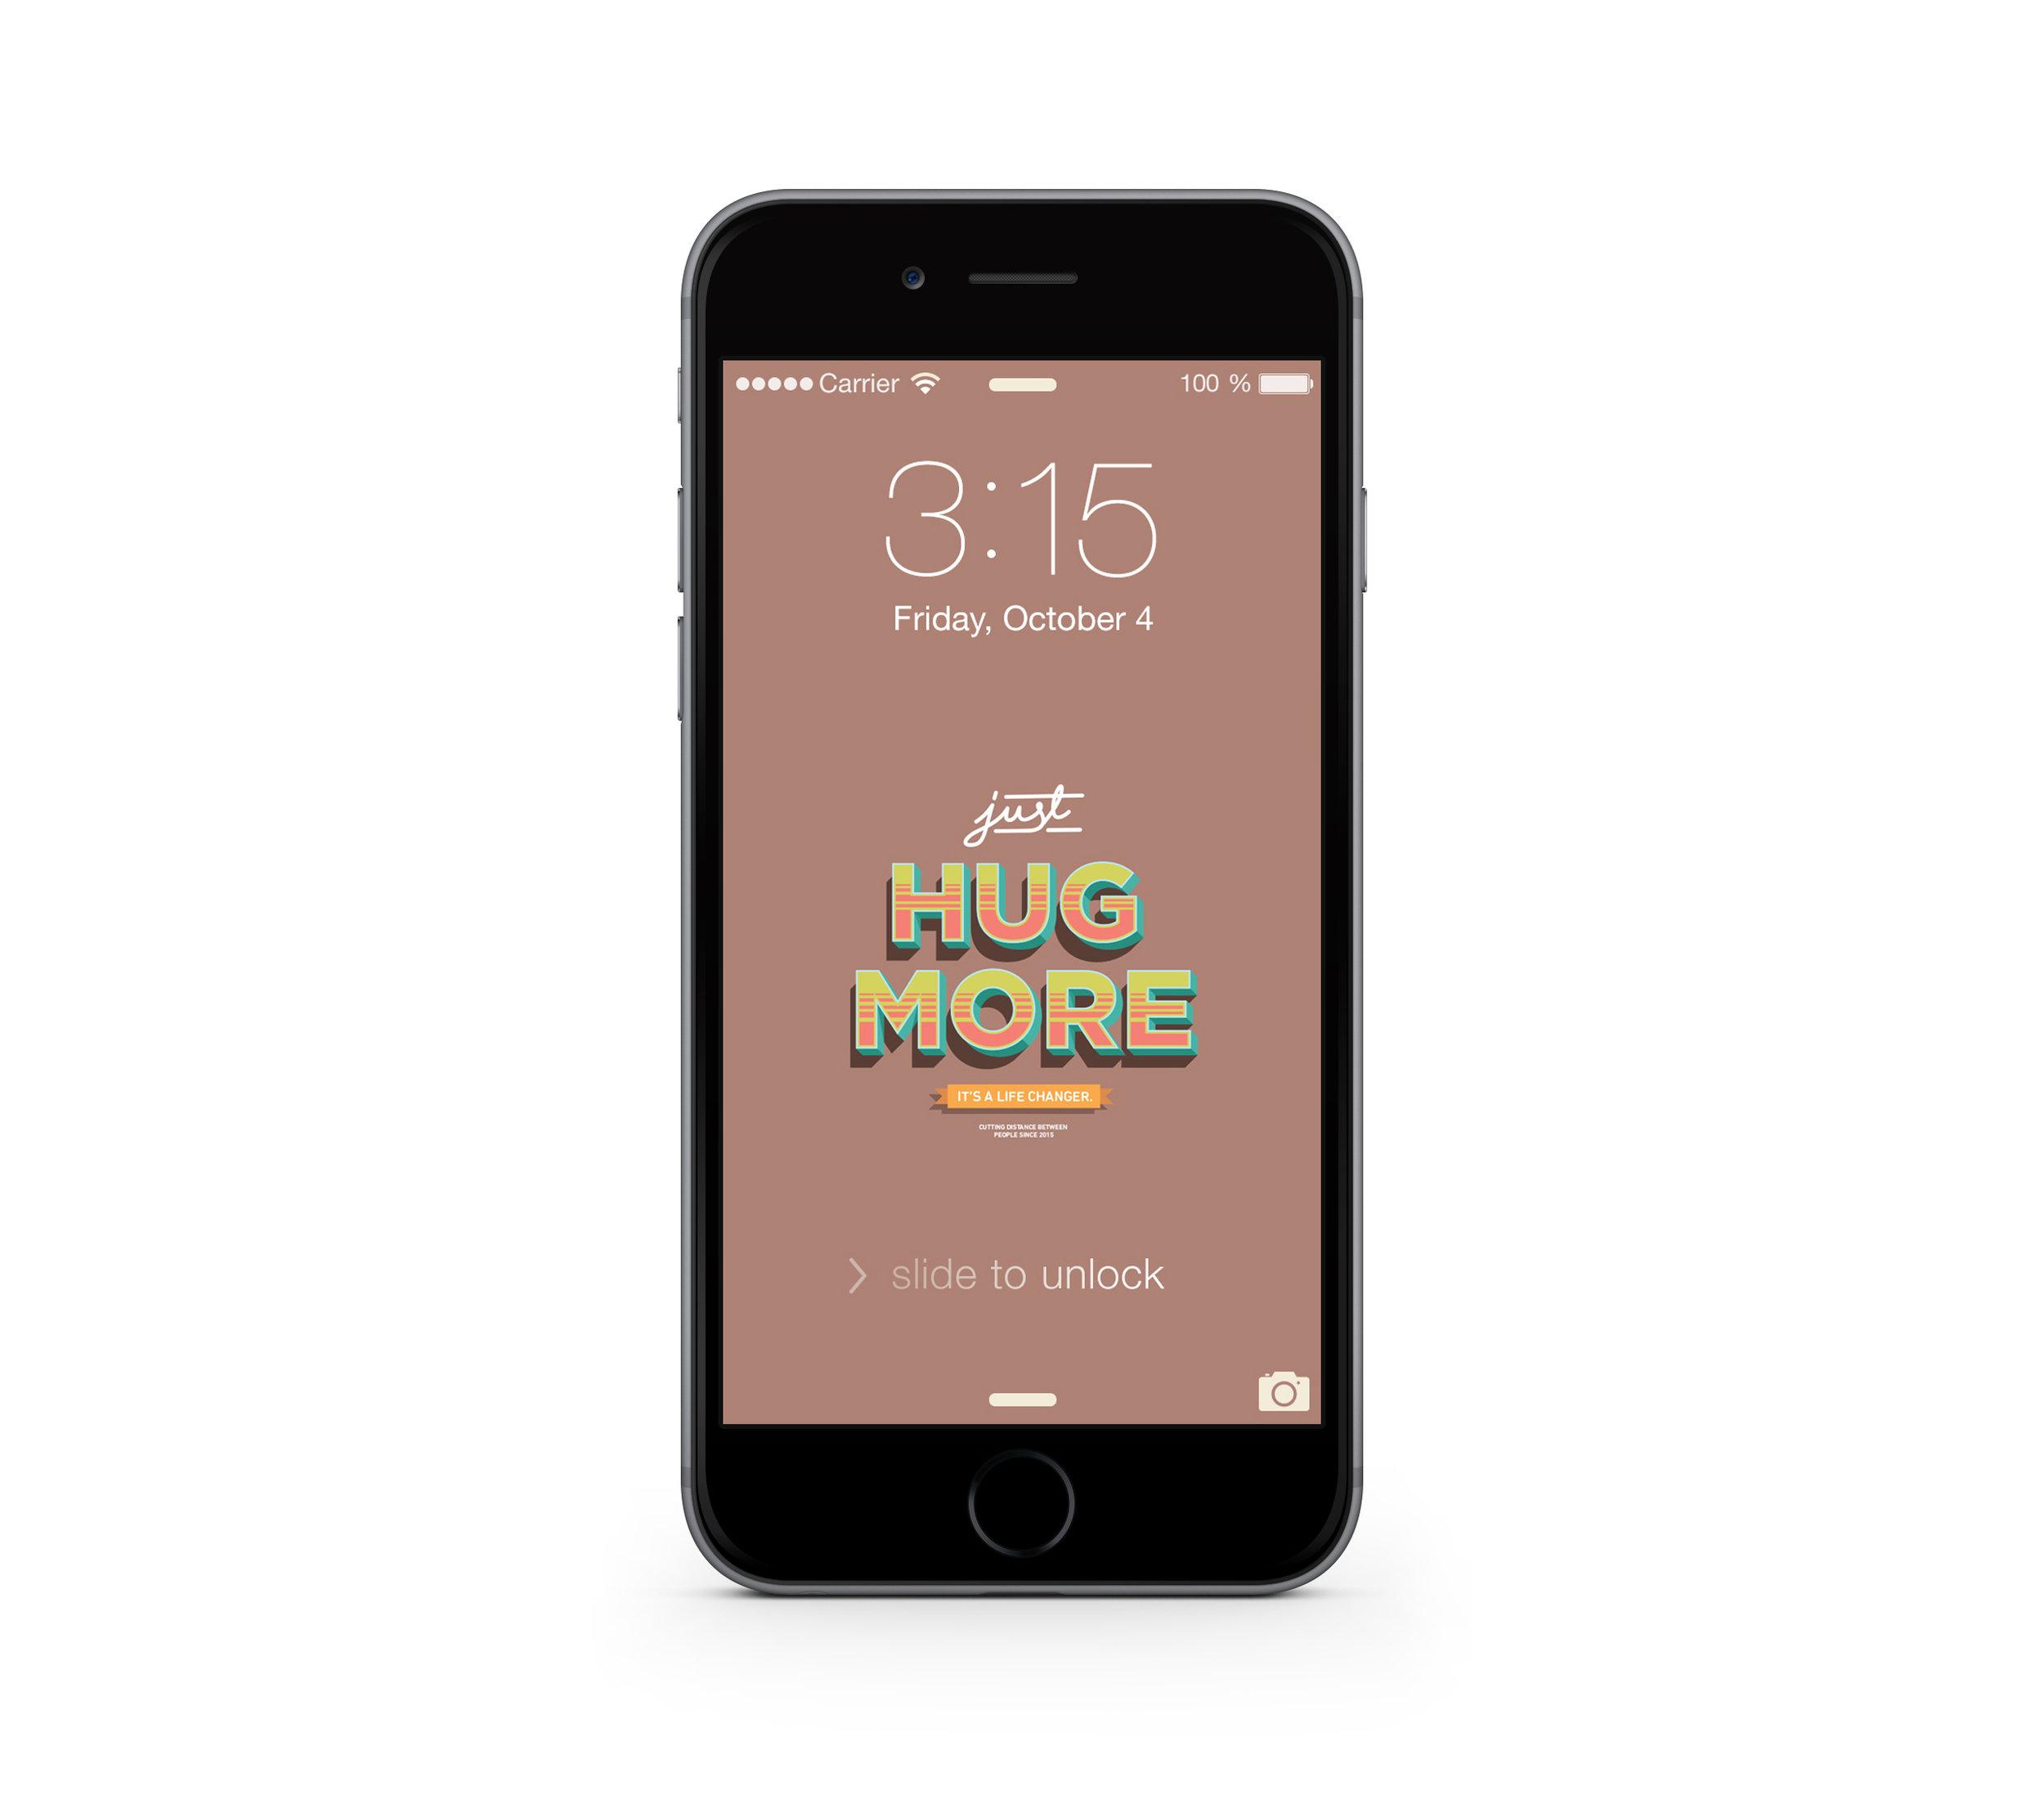 iPhone-6-just-hug-more-lock-screen-mockup-4.jpg